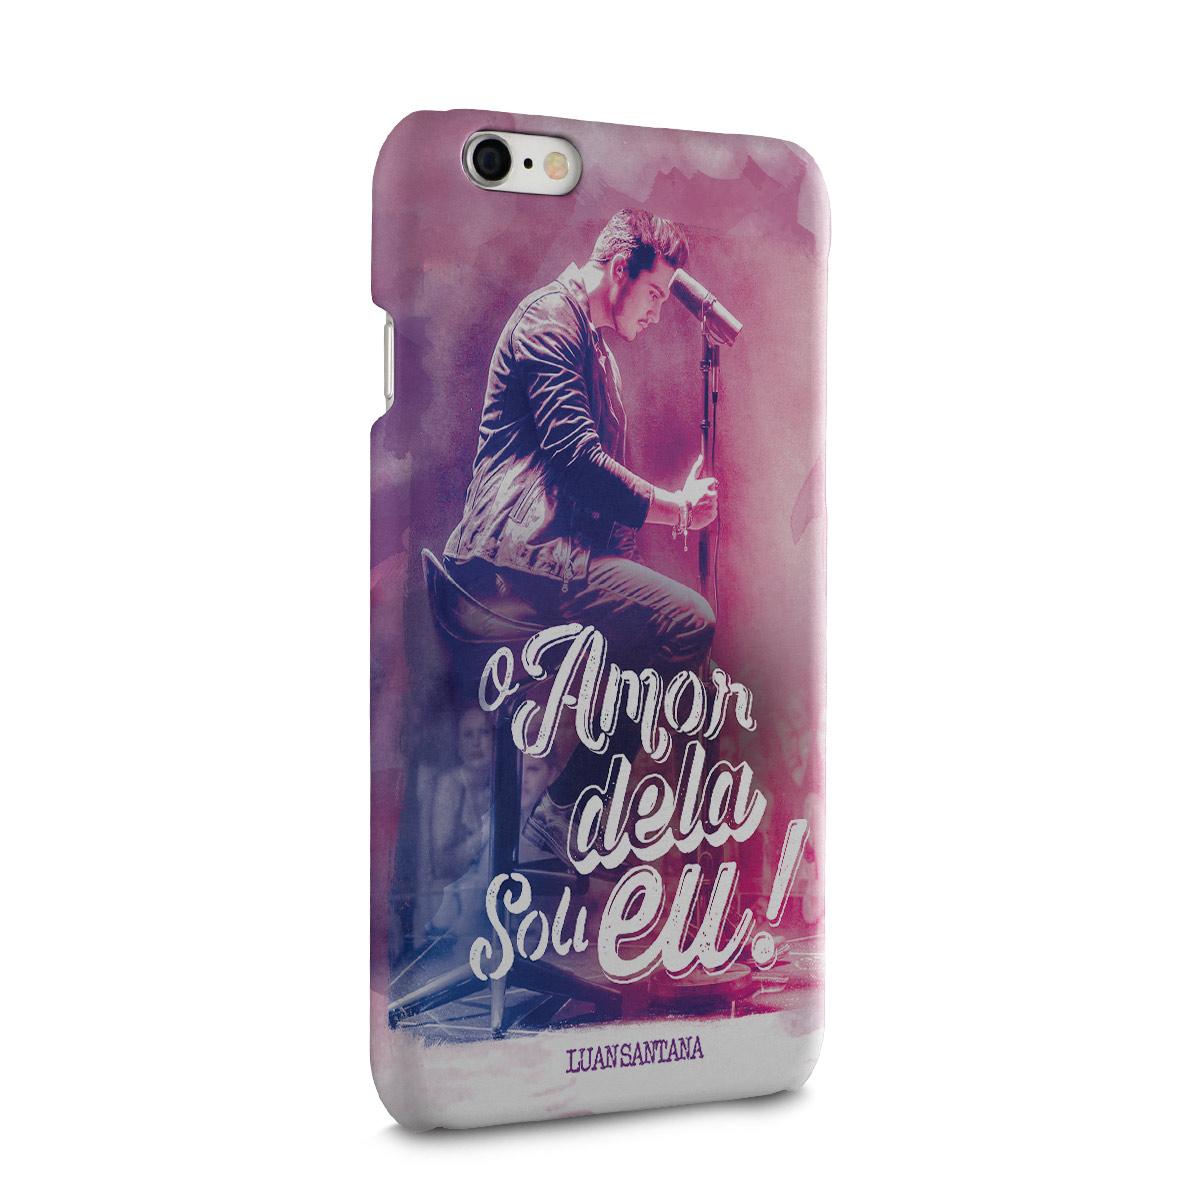 Capa para iPhone 6/6S Luan Santana O Amor Dela Sou Eu